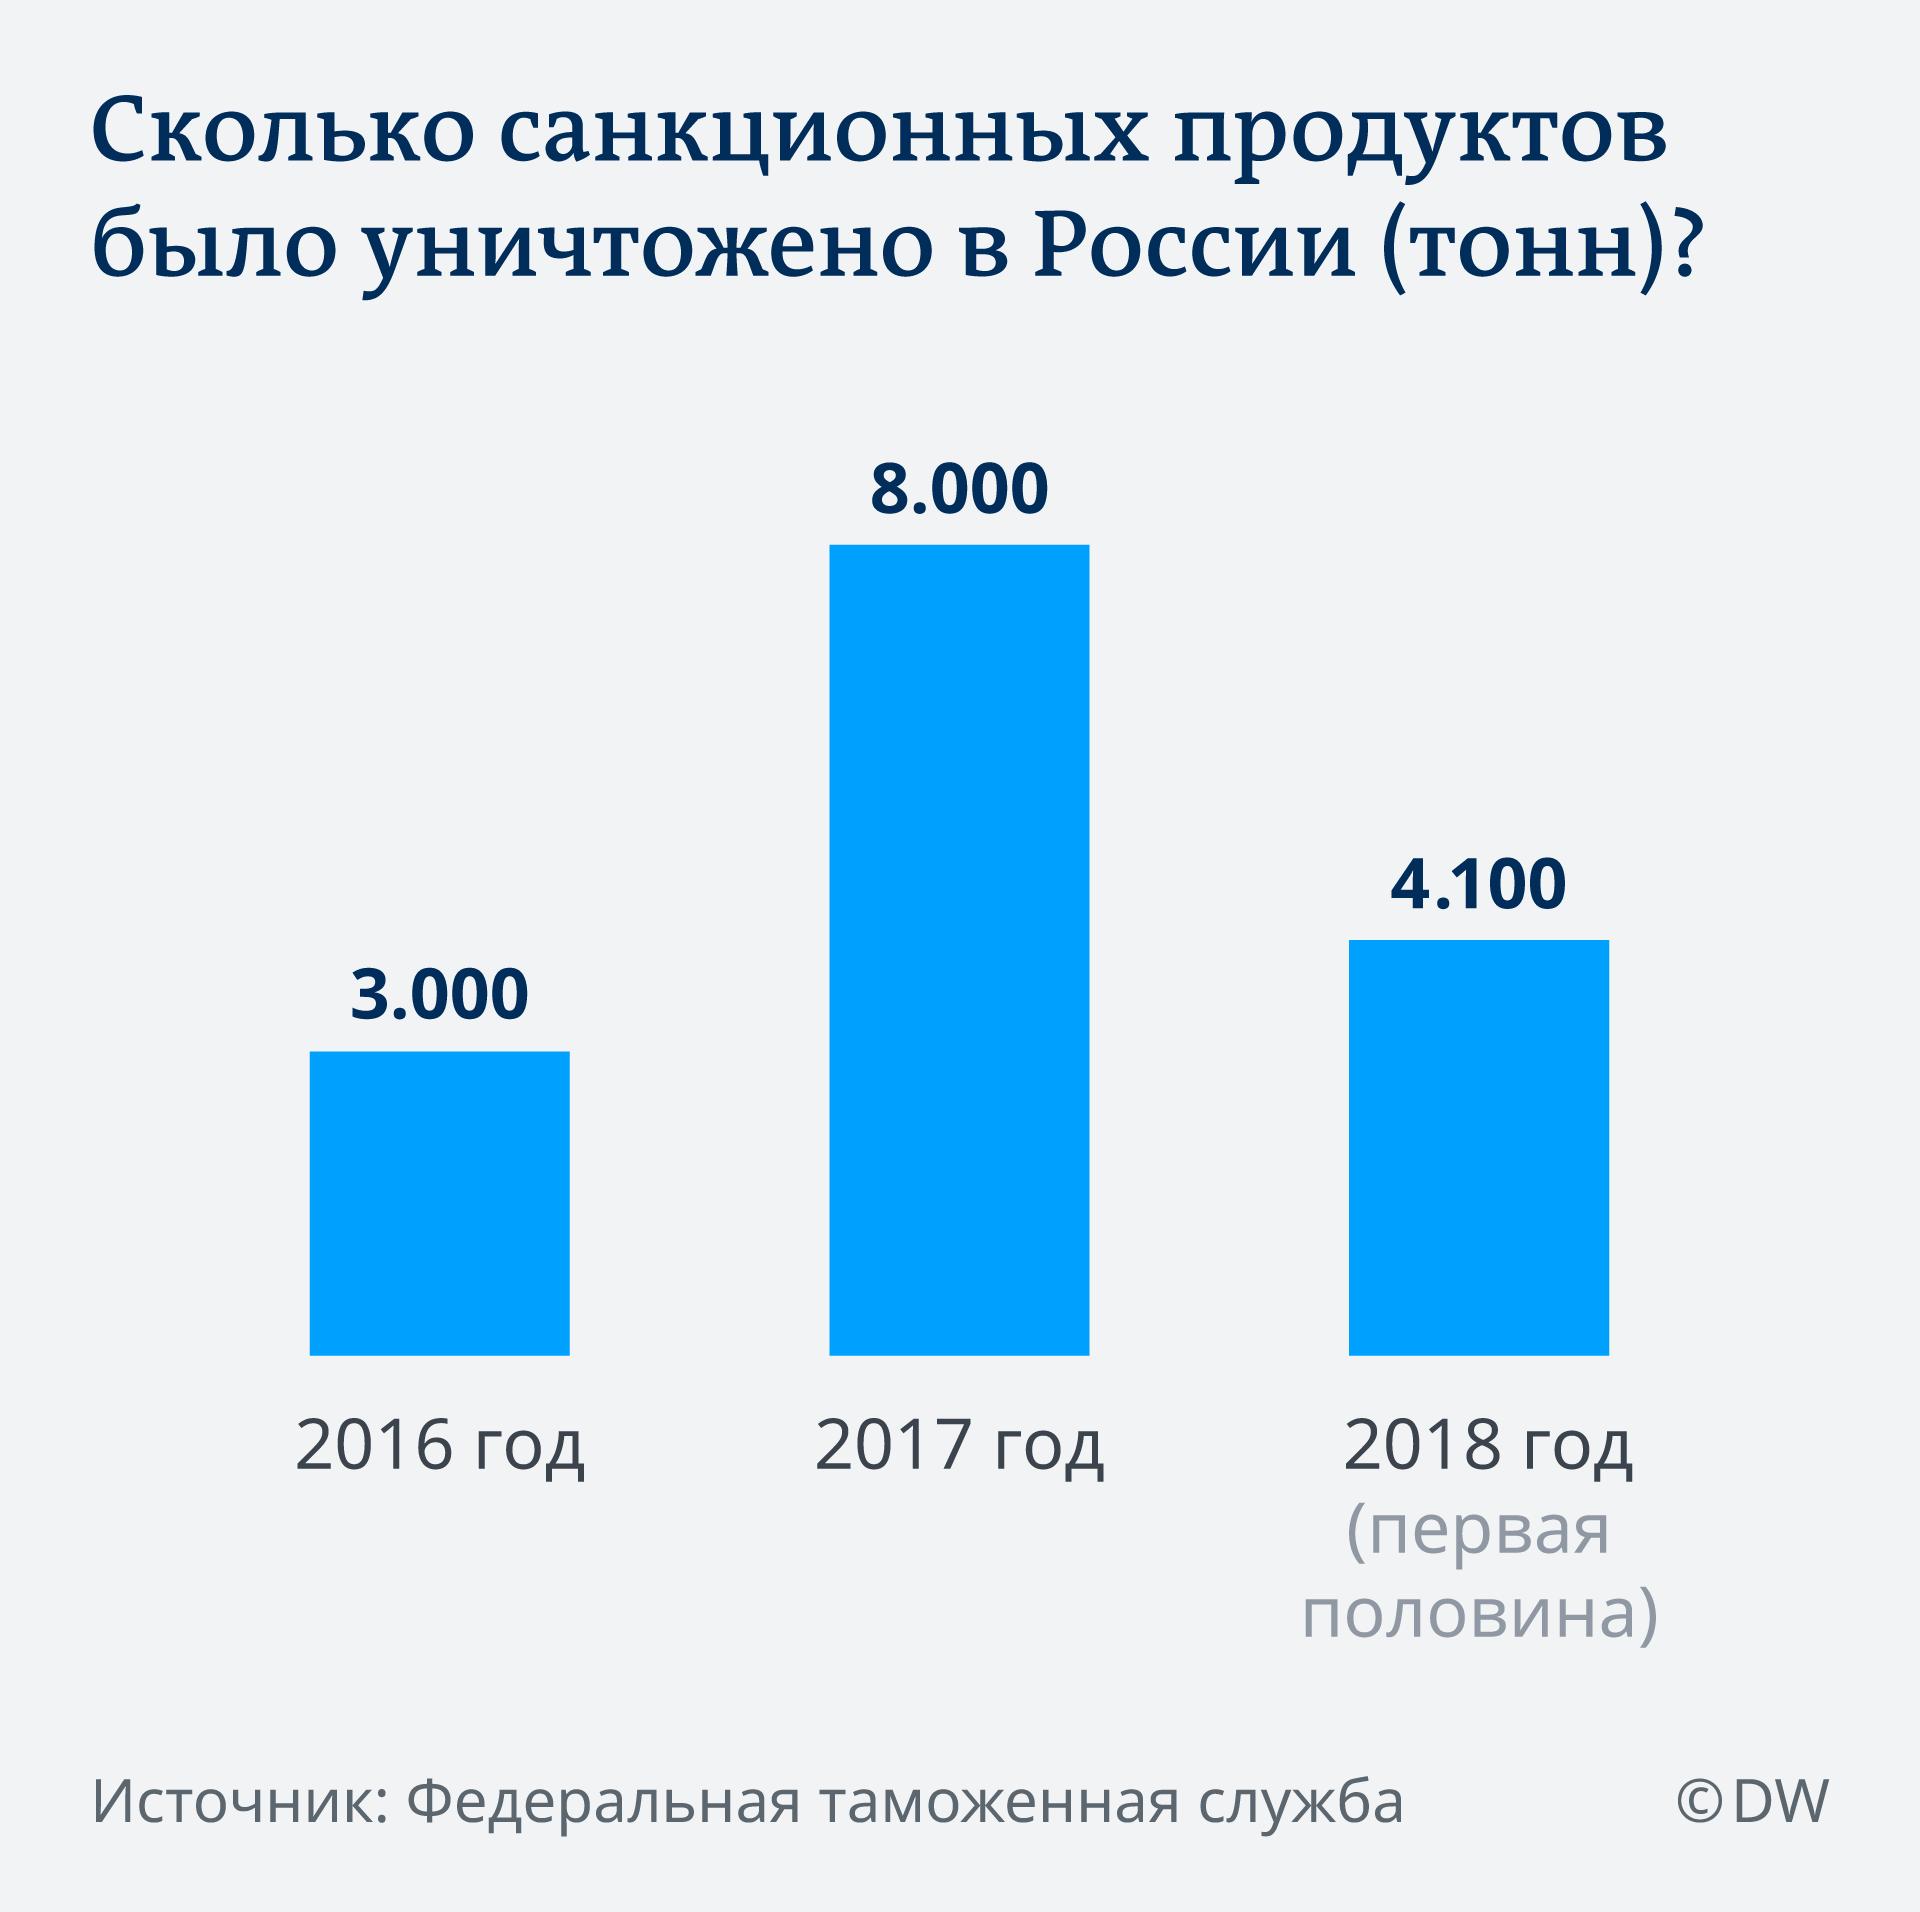 Инфографика: сколько санкционных продуктов было уничтожено в России?